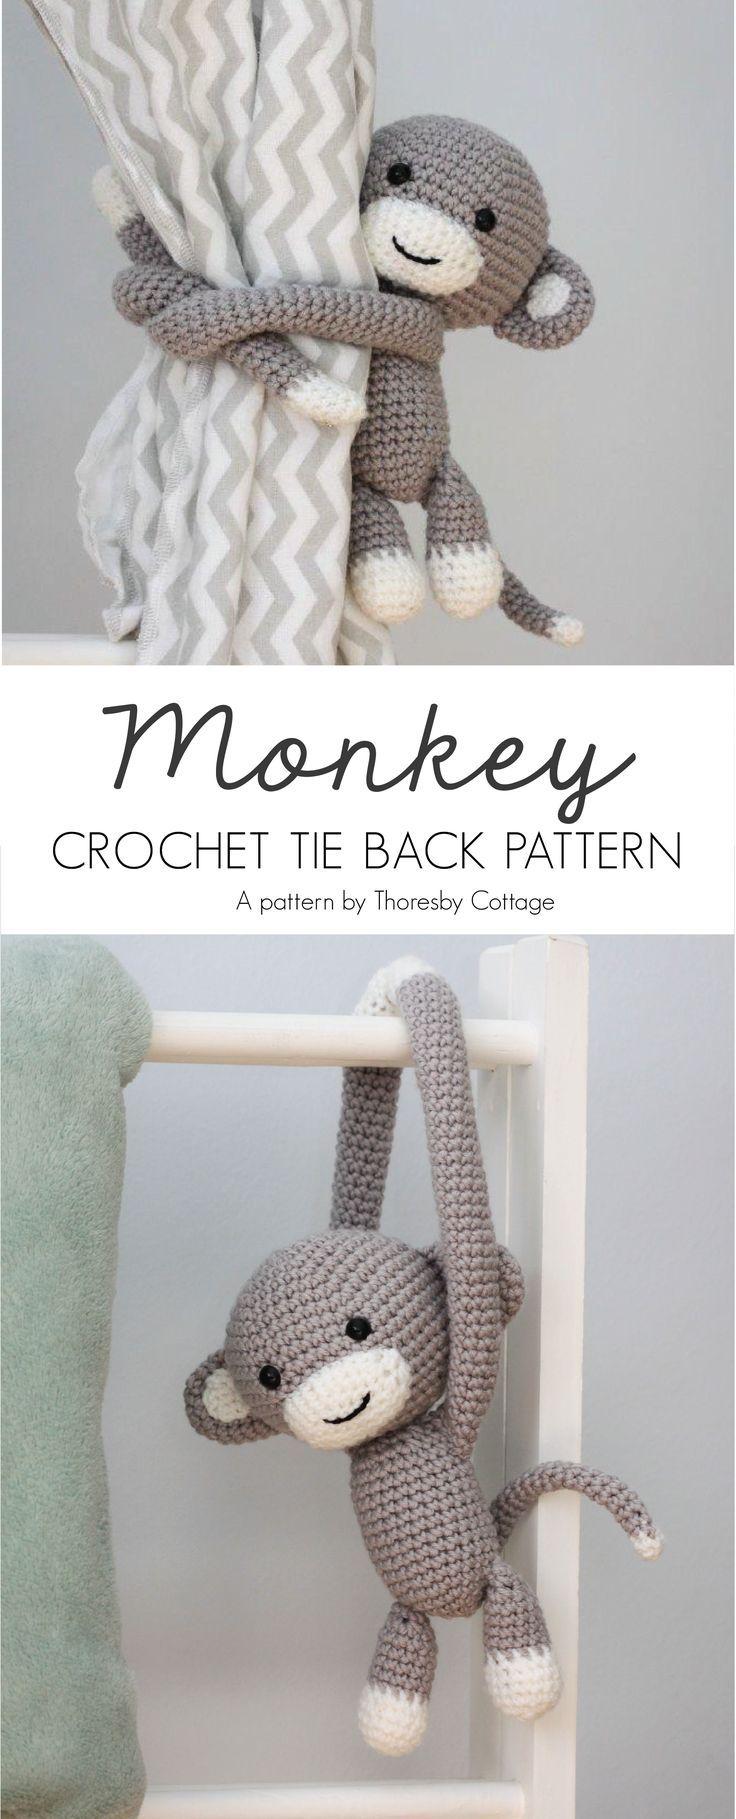 Crochet monkey curtain tie back crochet pattern